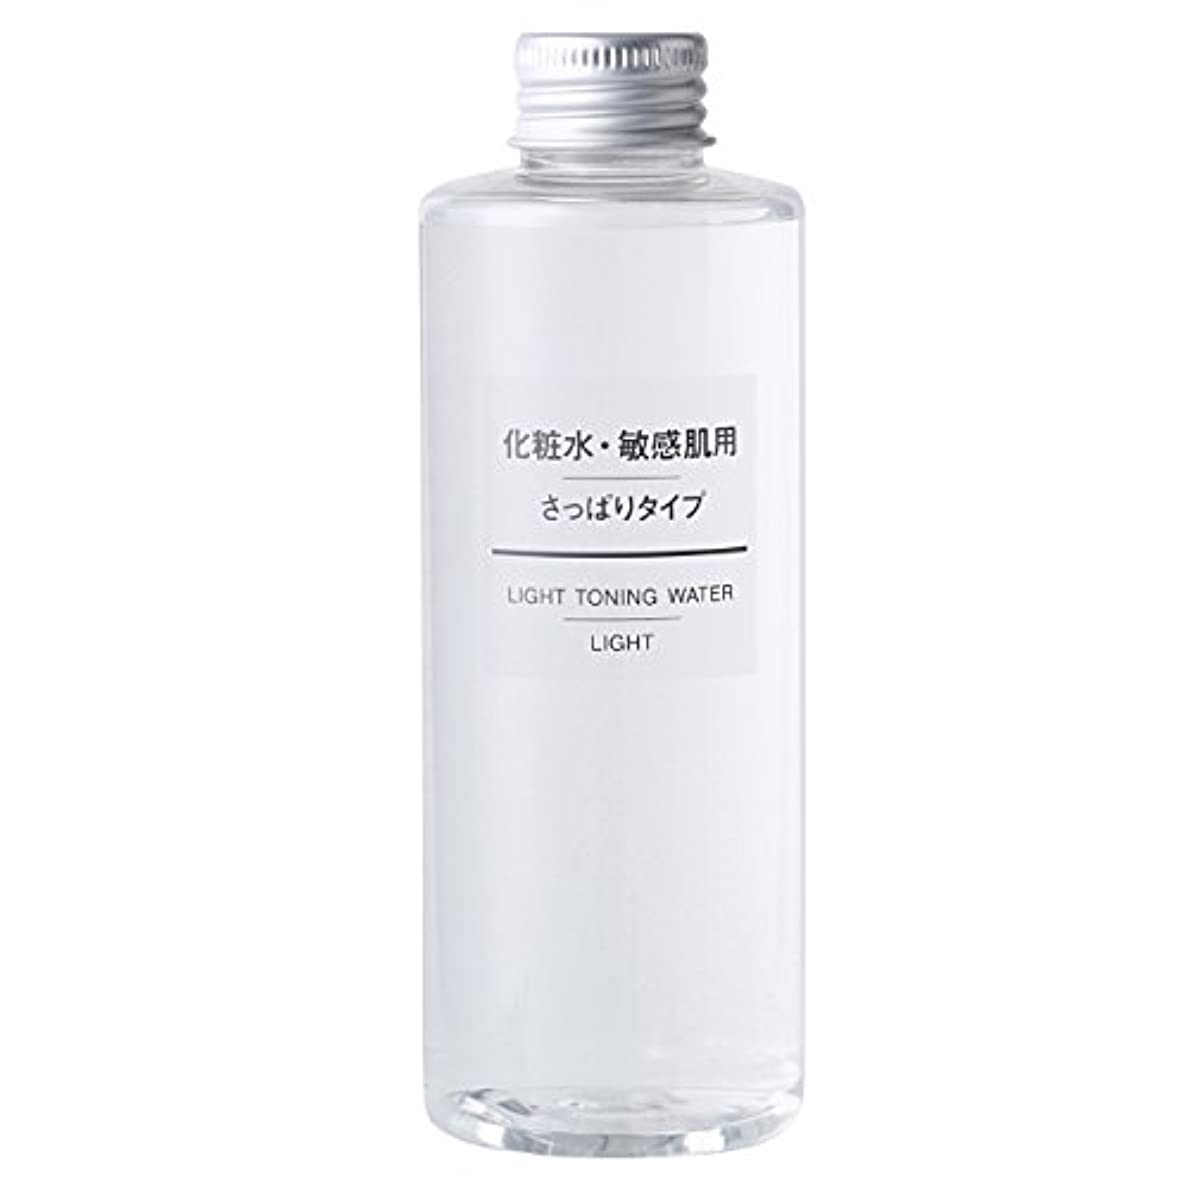 コーラス柔らかい彼らの無印良品 化粧水?敏感肌用?さっぱりタイプ 200mL